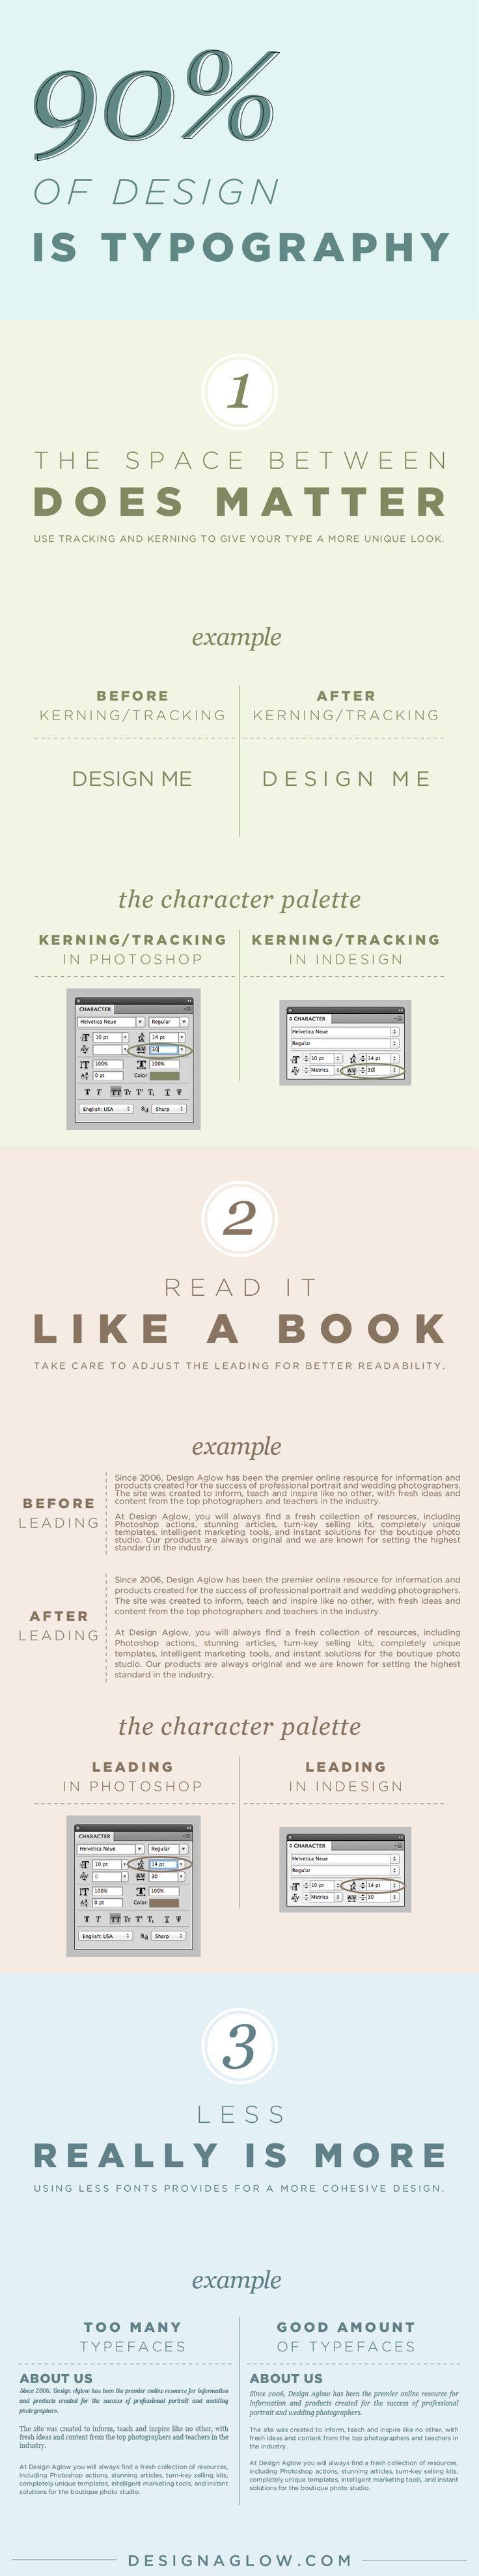 El 90% del diseño es tipografía #infografia #infographic #design